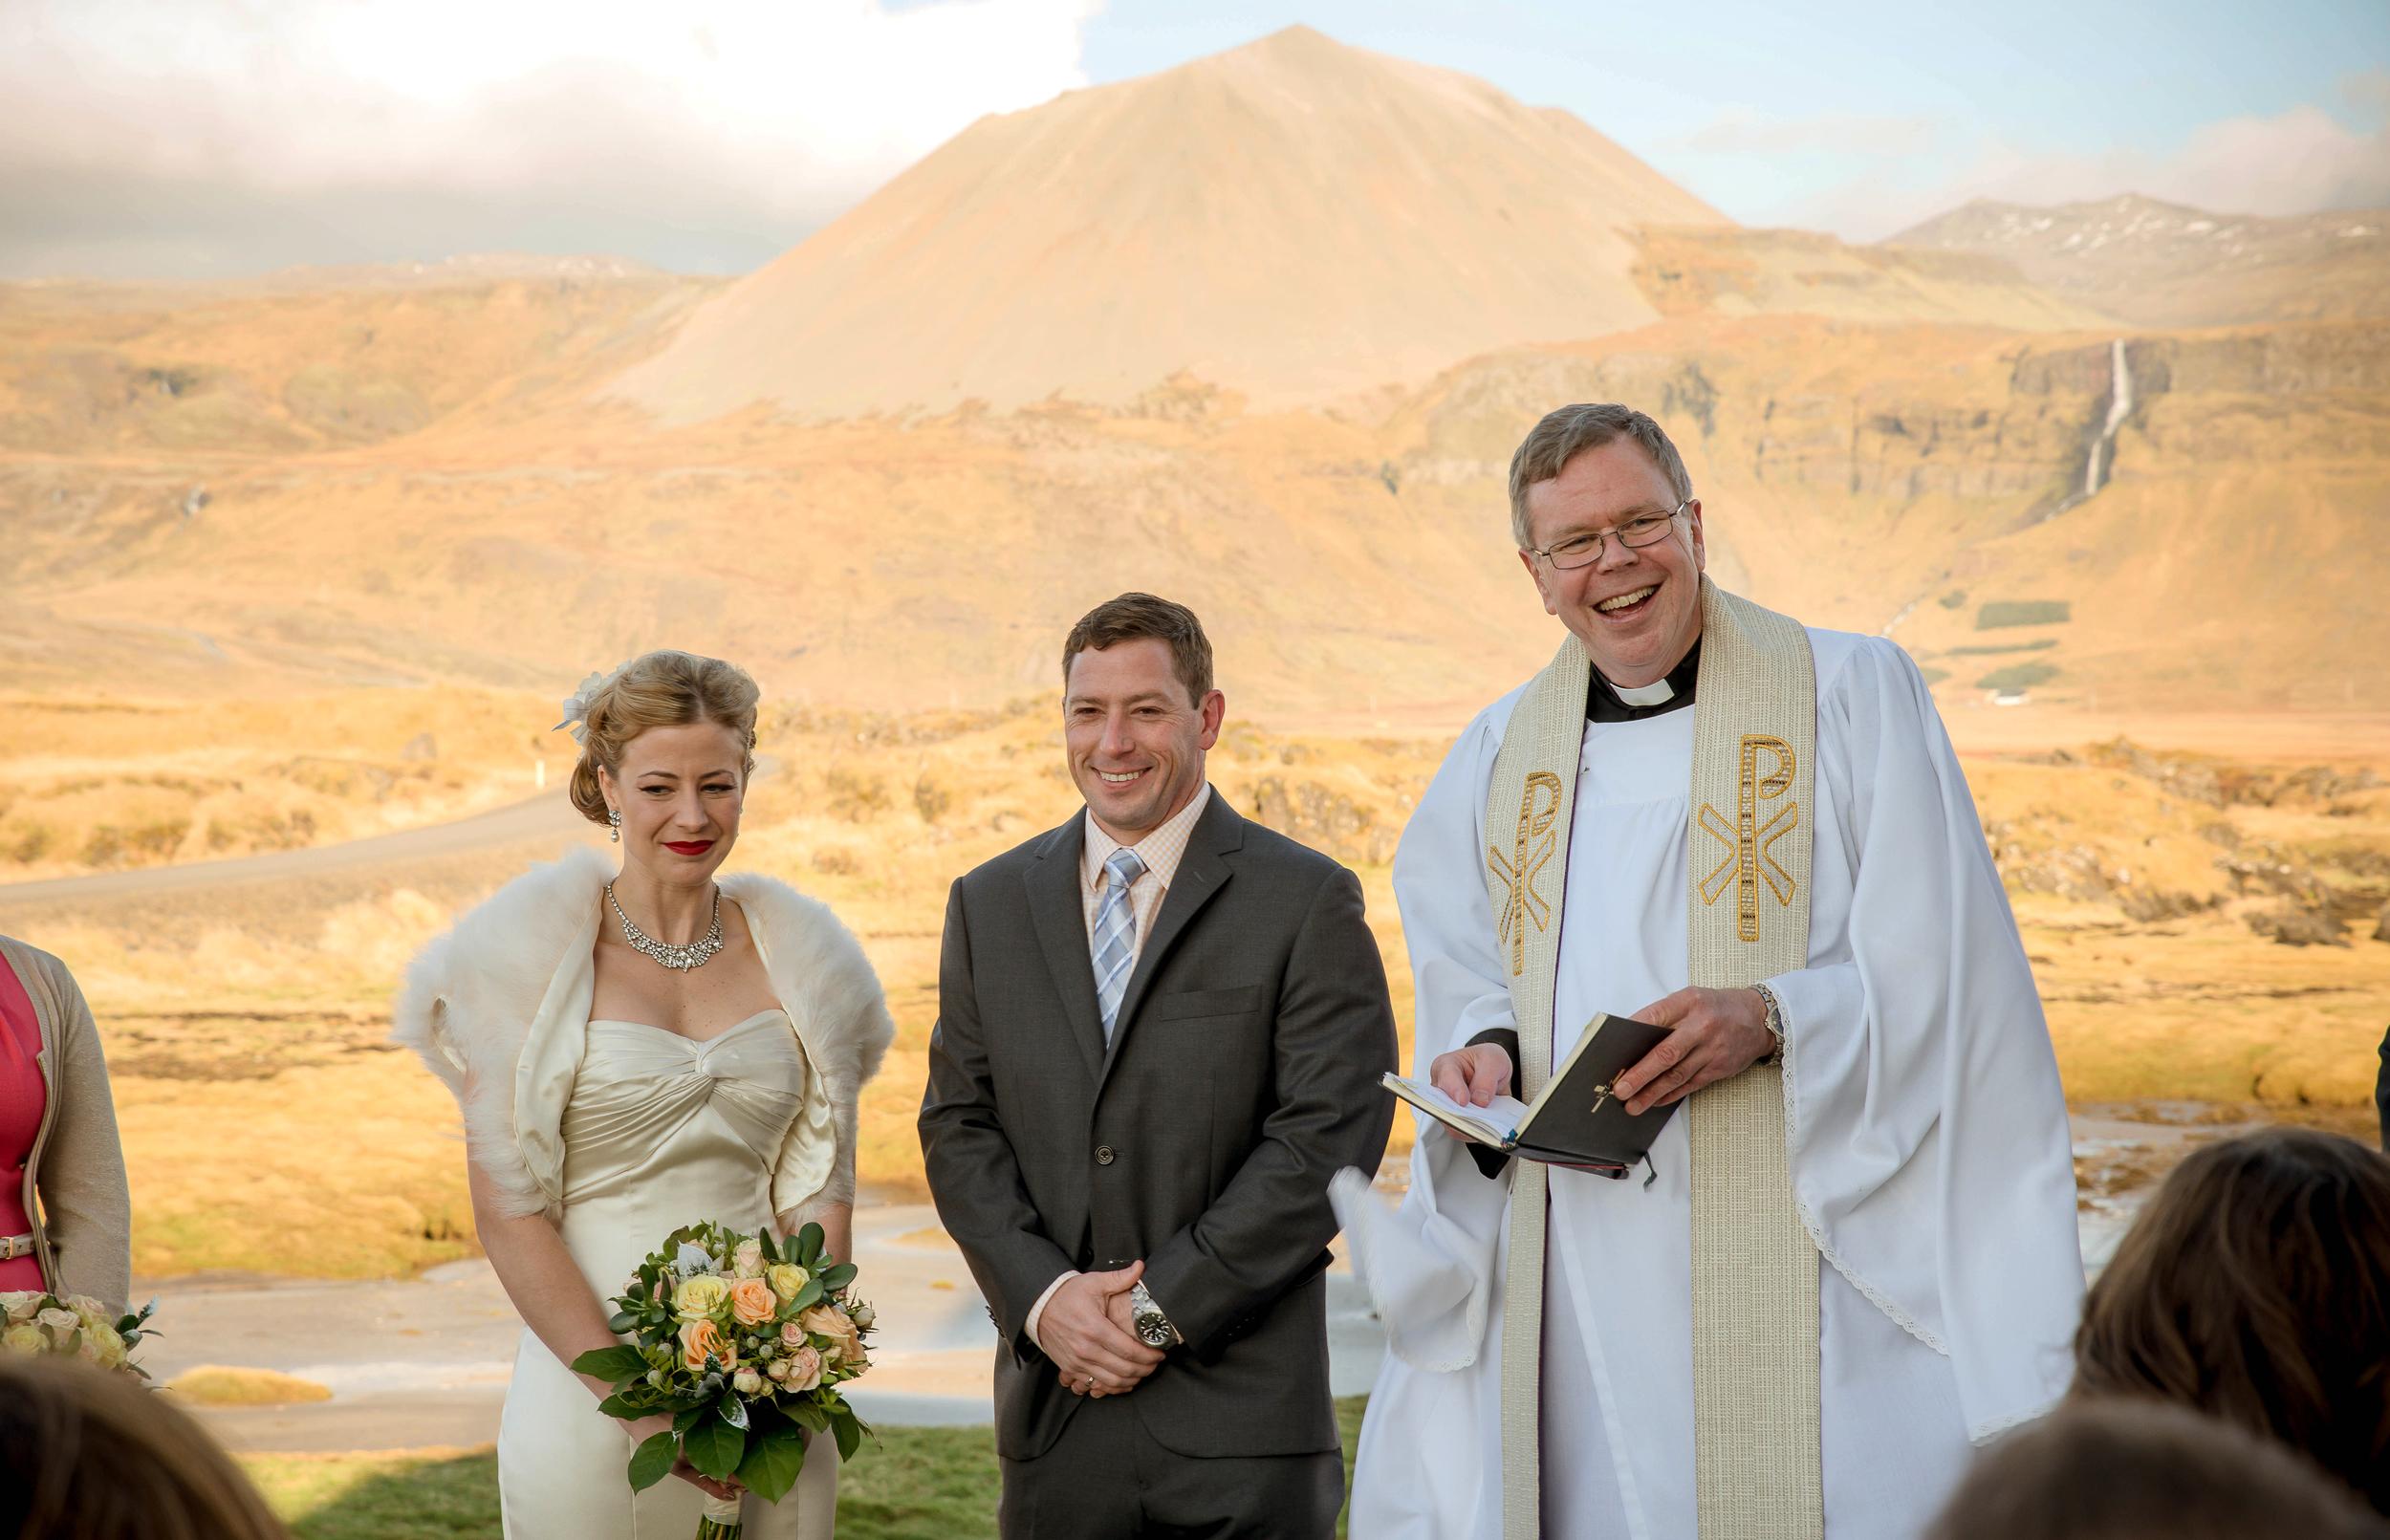 Iceland-Wedding-Photographer-Photos-by-Miss-Ann-9.jpg